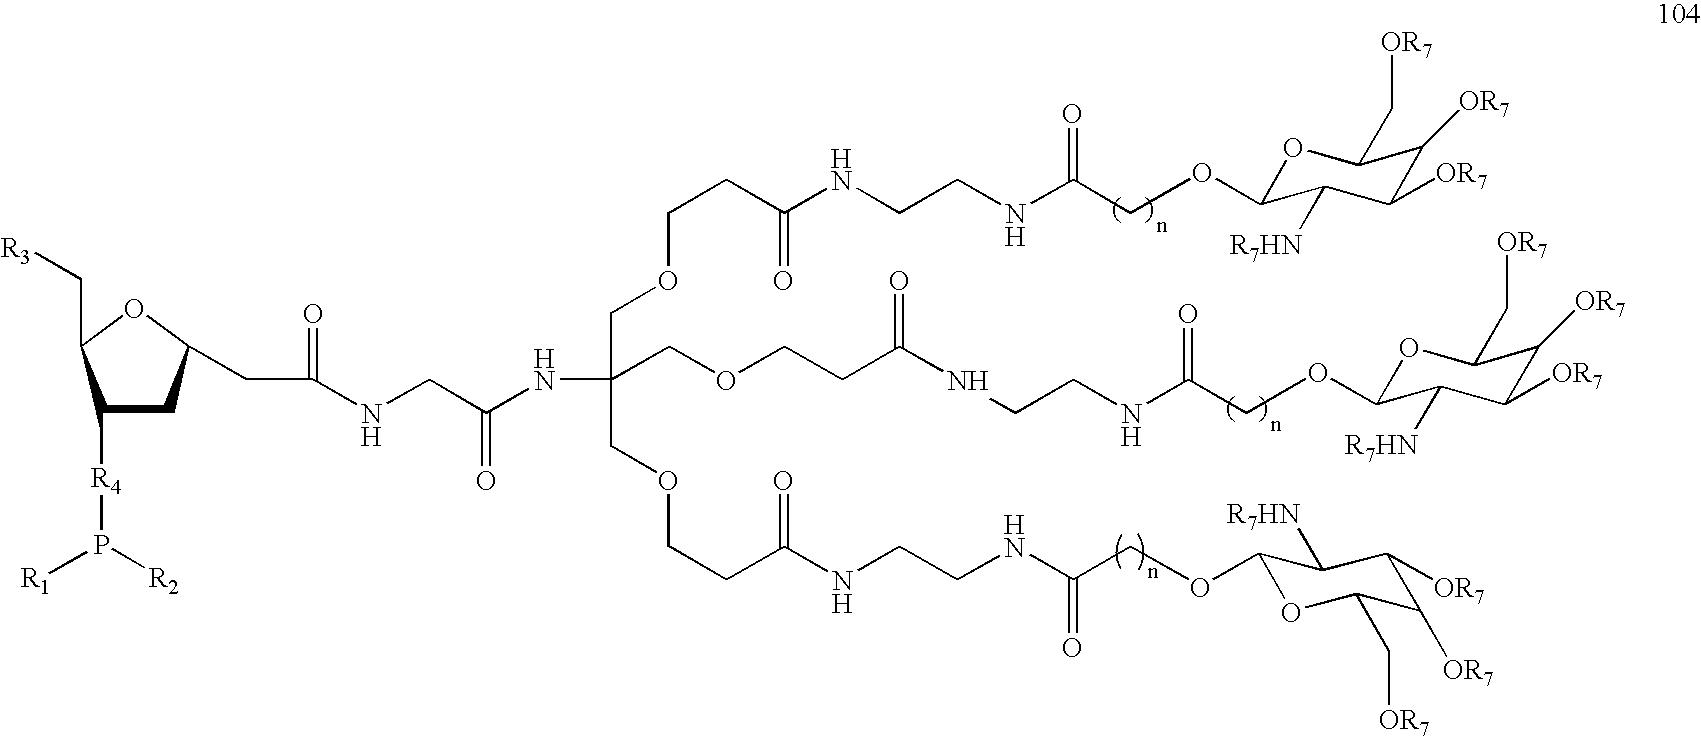 Figure US08232383-20120731-C00058